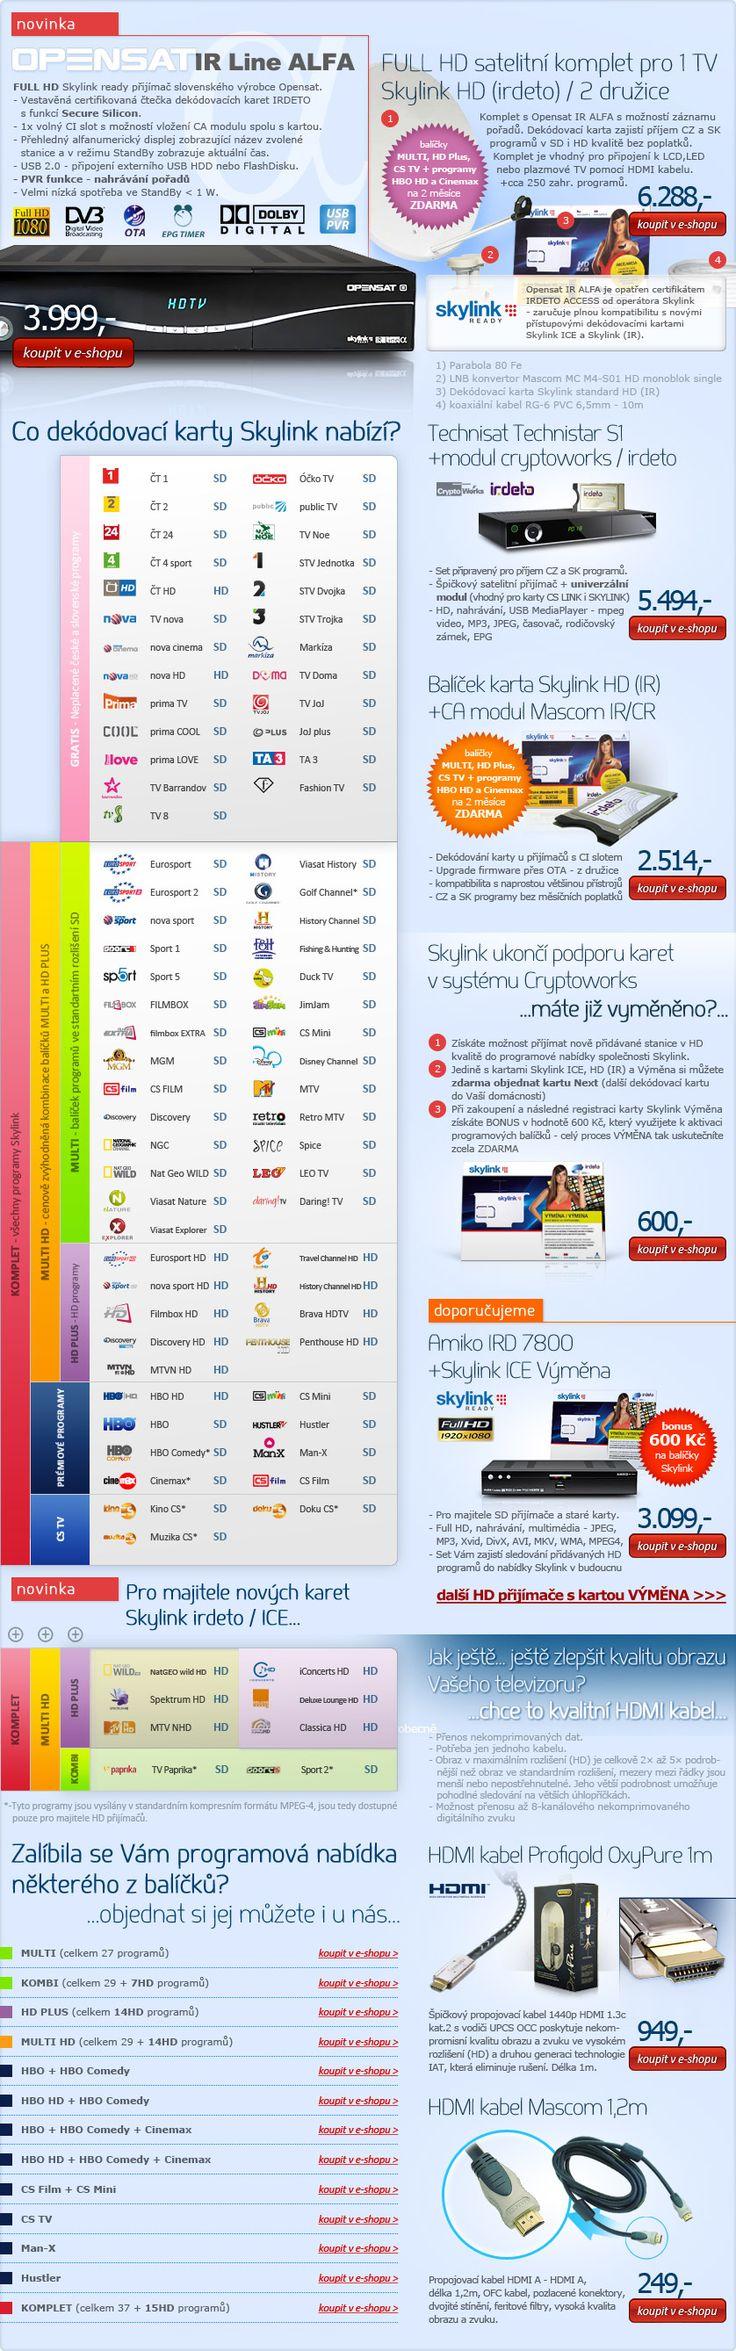 Newsletter - Skylink READY přijímače + příslušenství